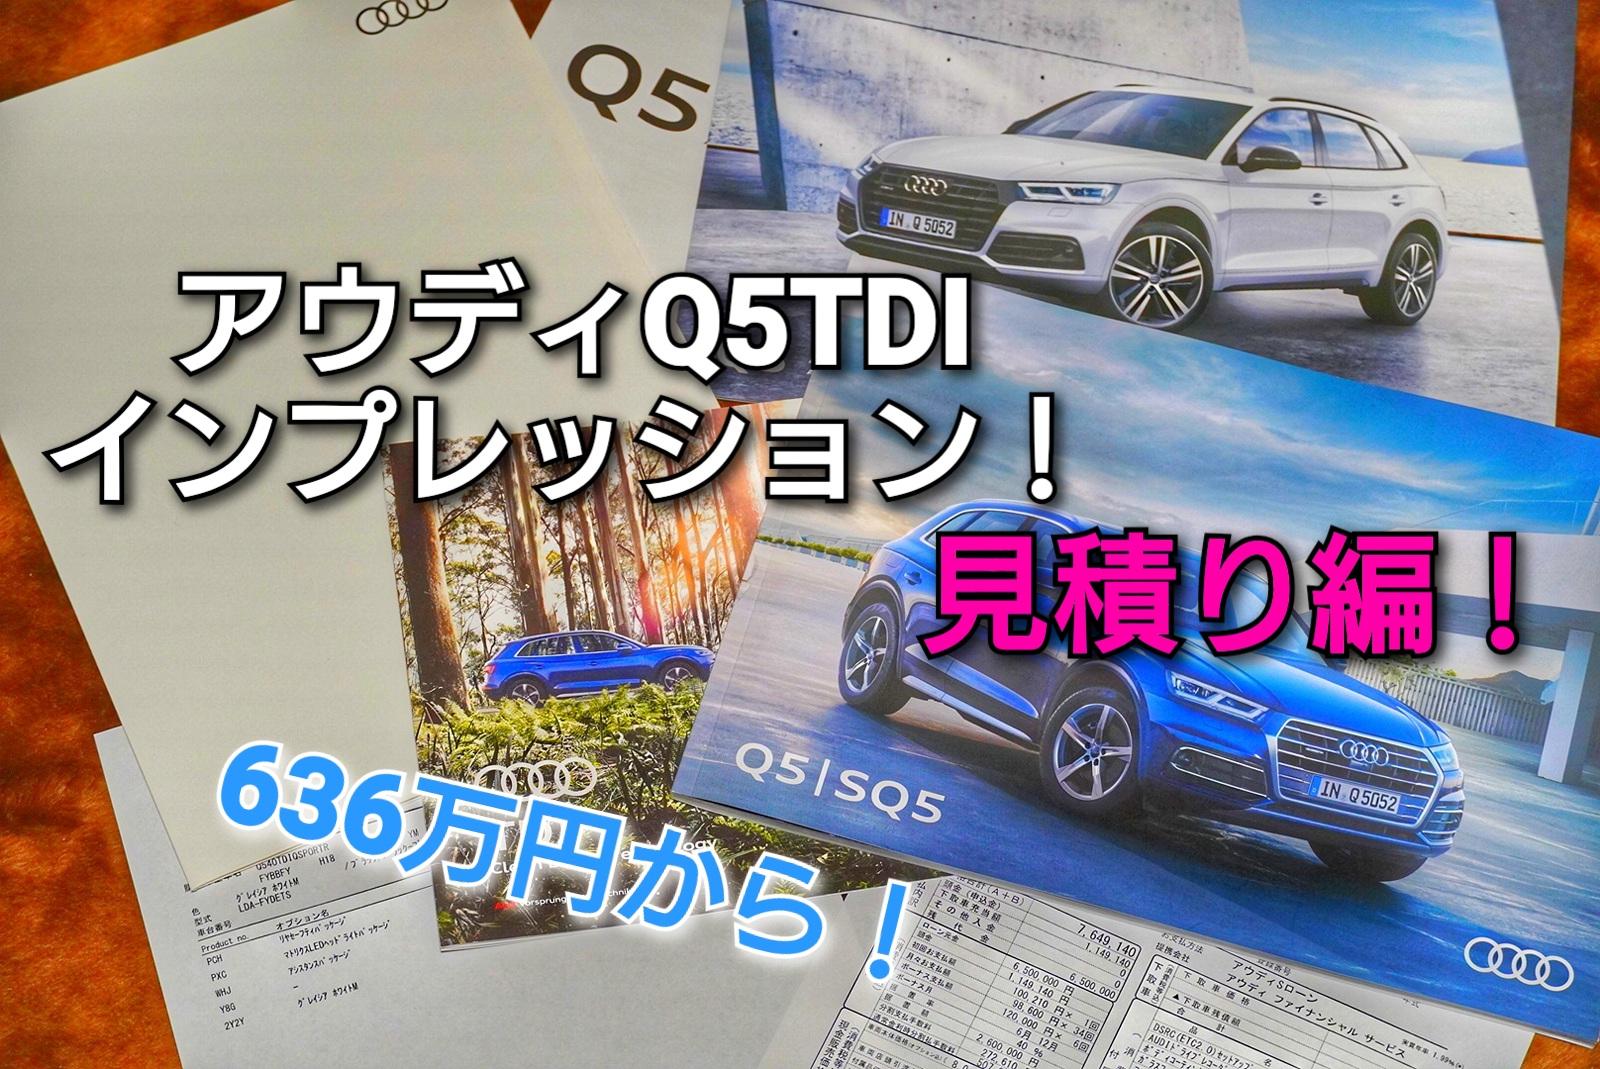 【ディーゼルは636万円から!】見積もり編!アウディQ5TDIインプレッション!④